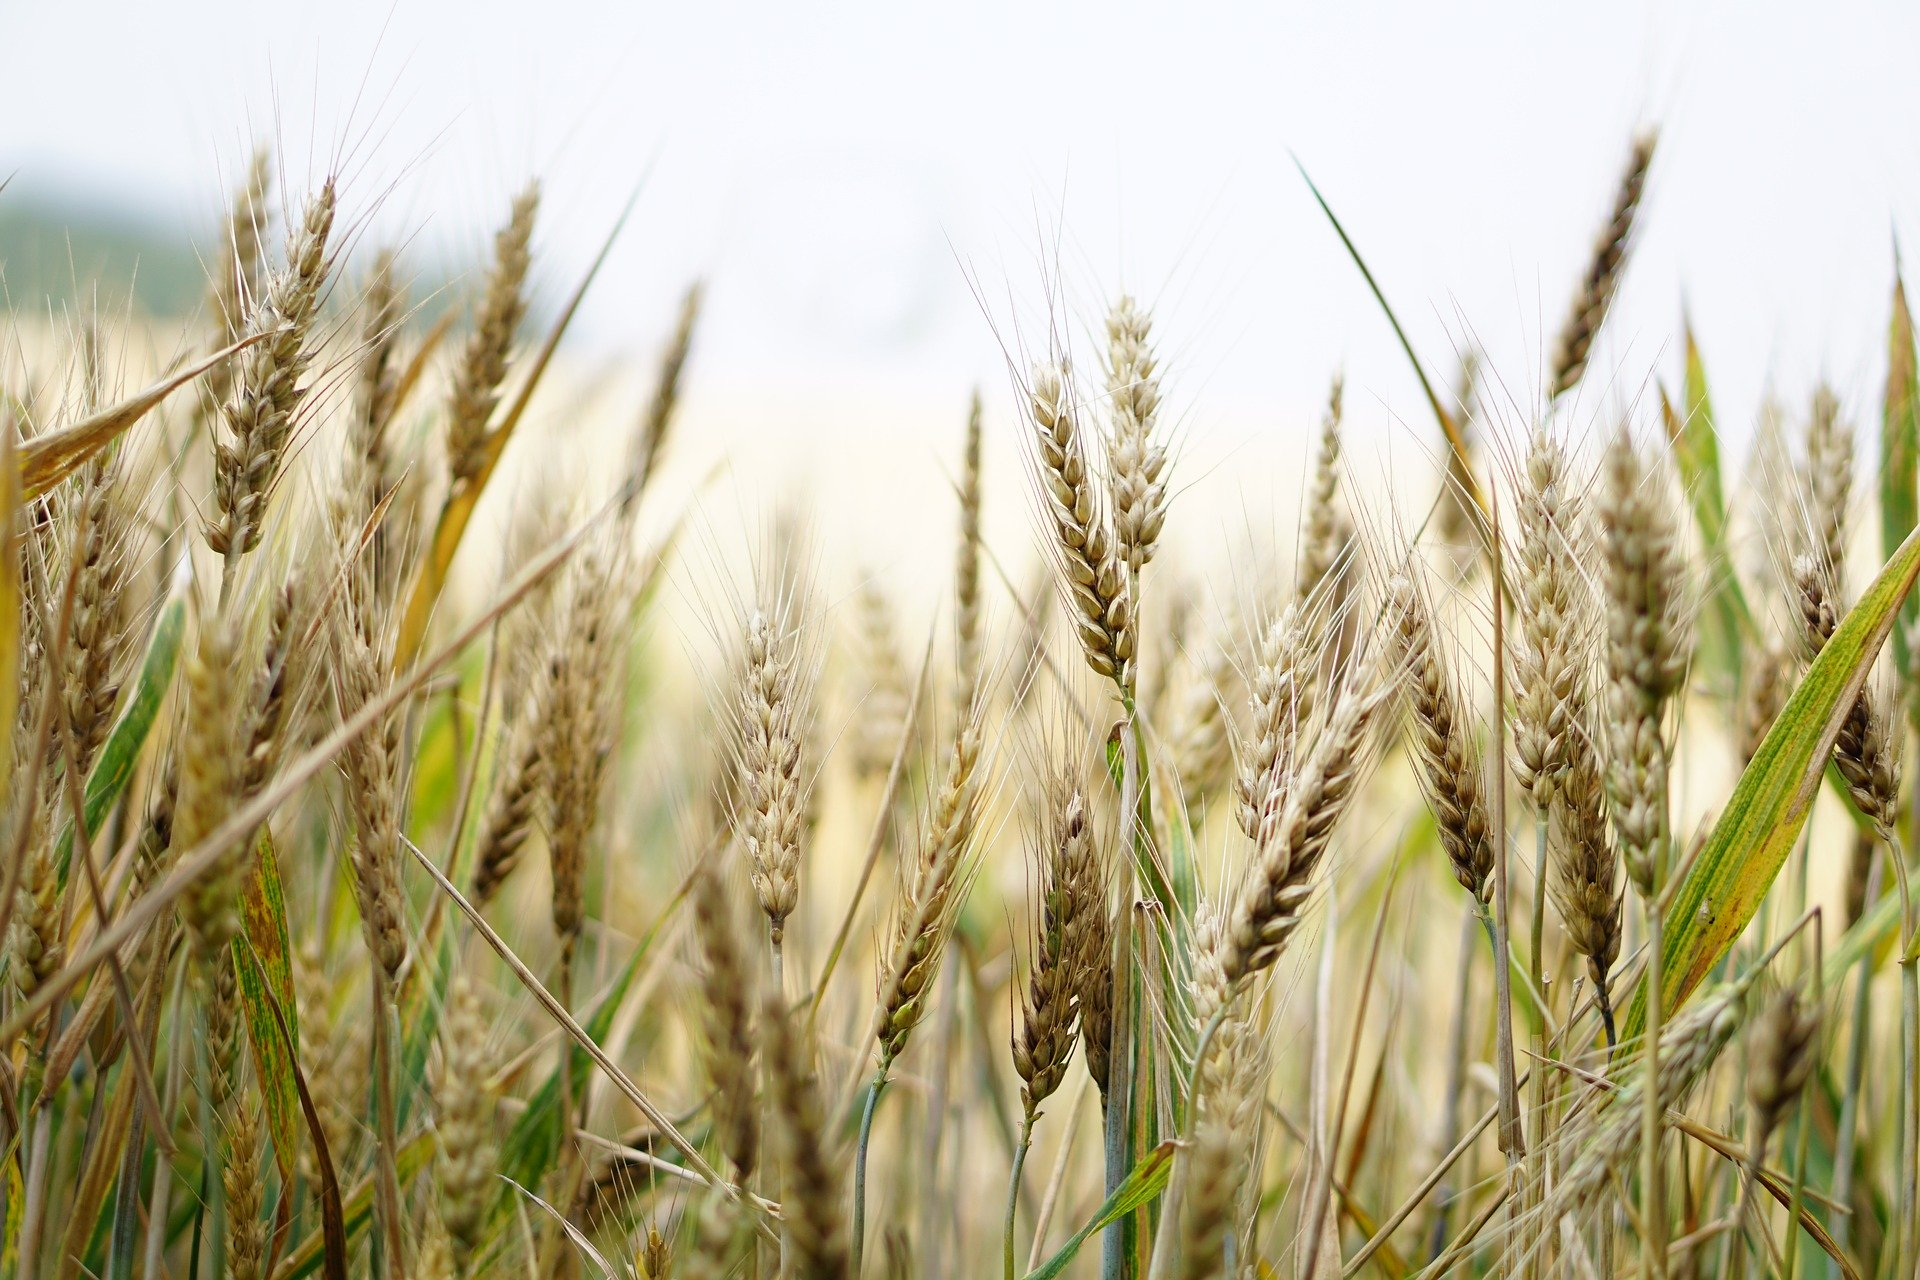 Revue des marchés du 8 Juin 2020 : Le blé